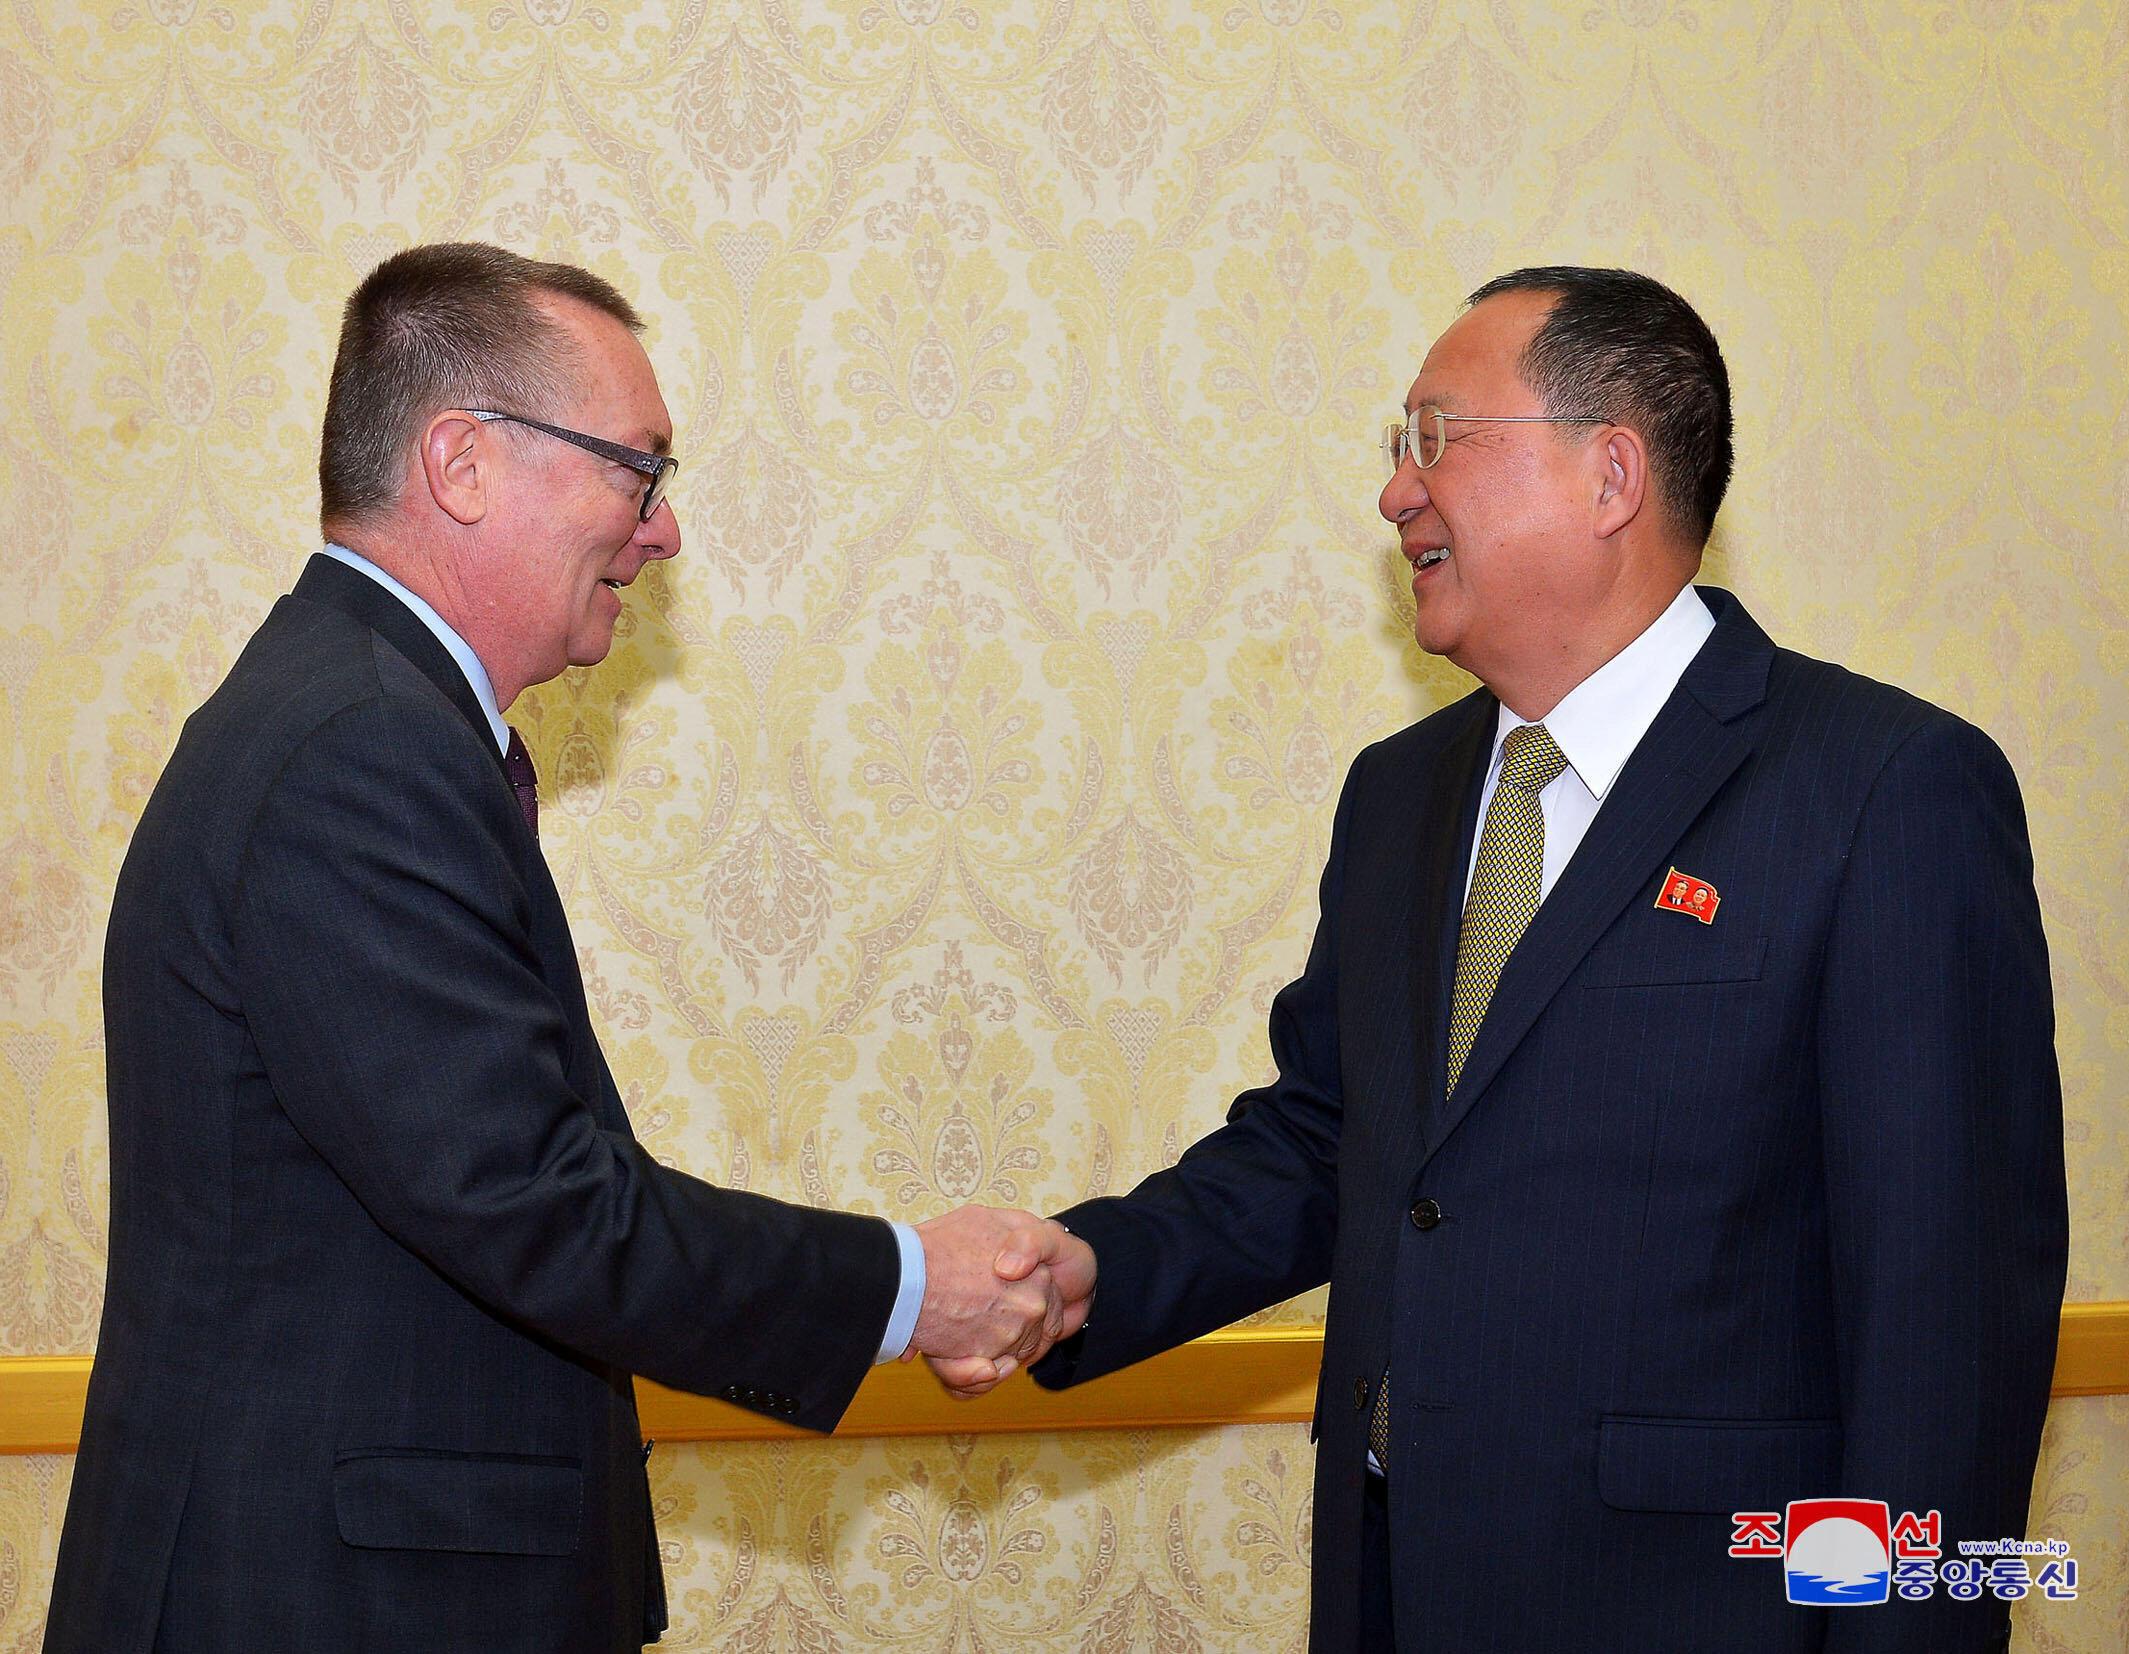 Ngoại trưởng Bắc Triều Tiên Ri Yong Ho tiếp phó tổng thư ký Liên Hiệp Quốc Jeffrey Feltman tại Bình Nhưỡng, ngày 07/12/2017.